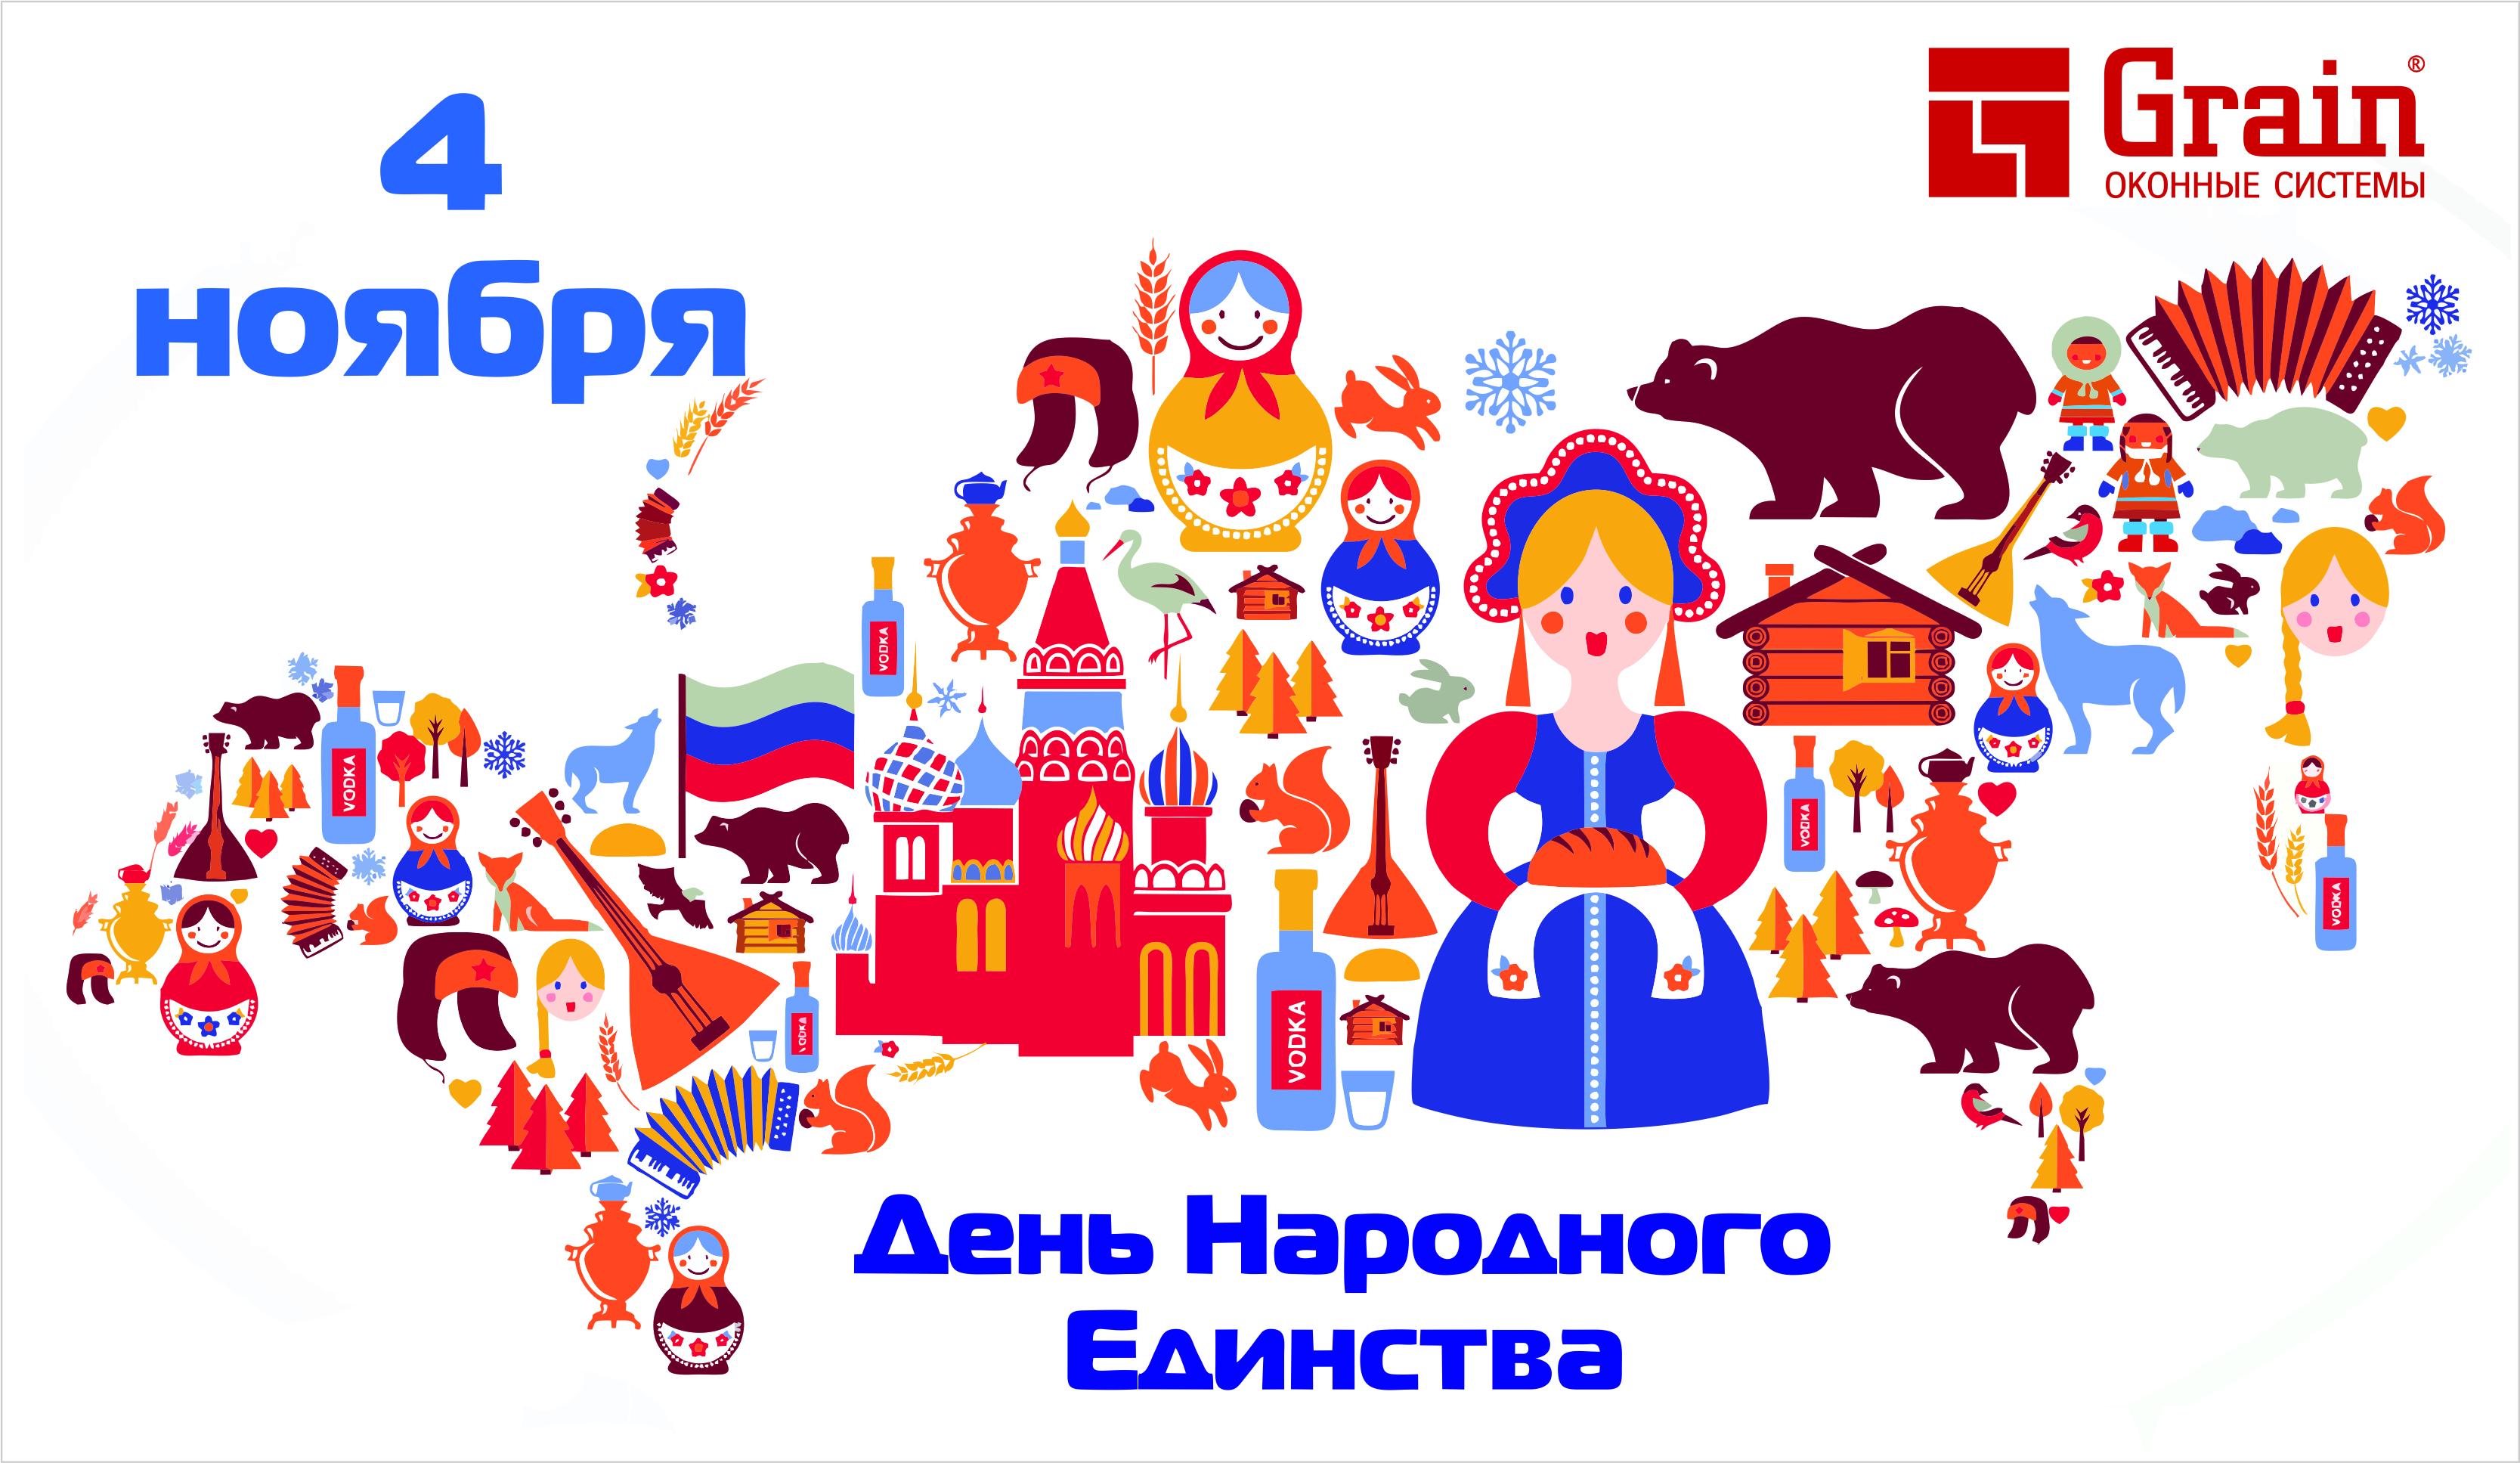 маленький, посему символ русского народа в картинках представляет